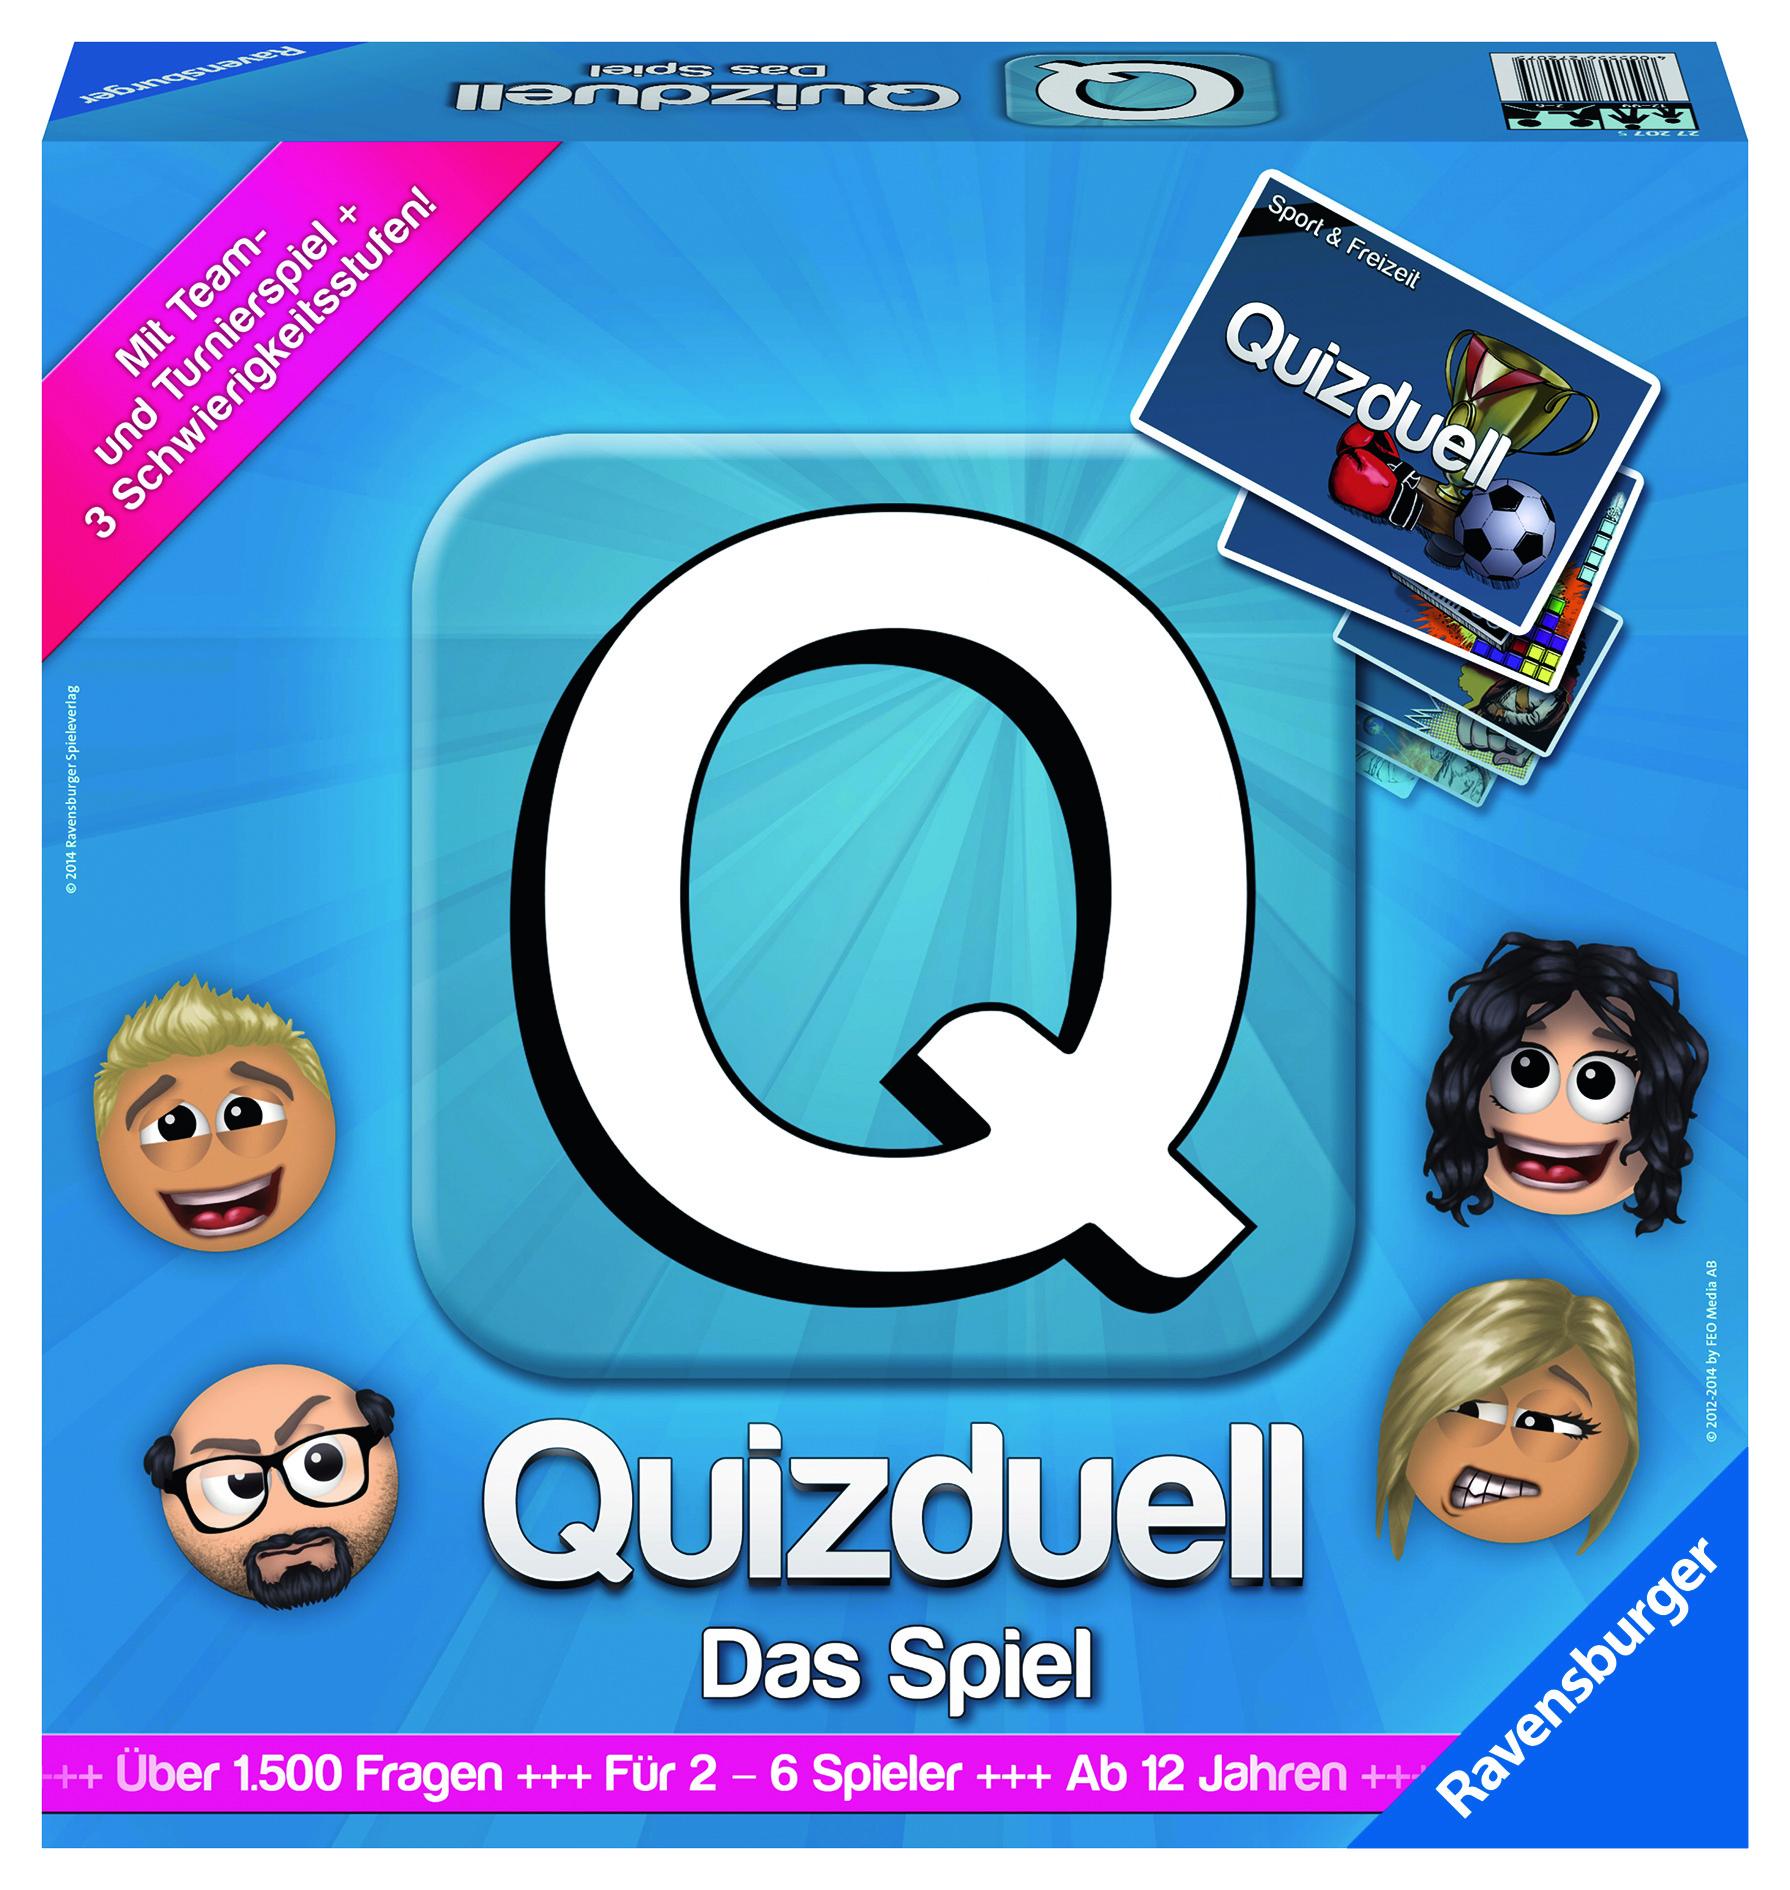 Quizduell Spieler